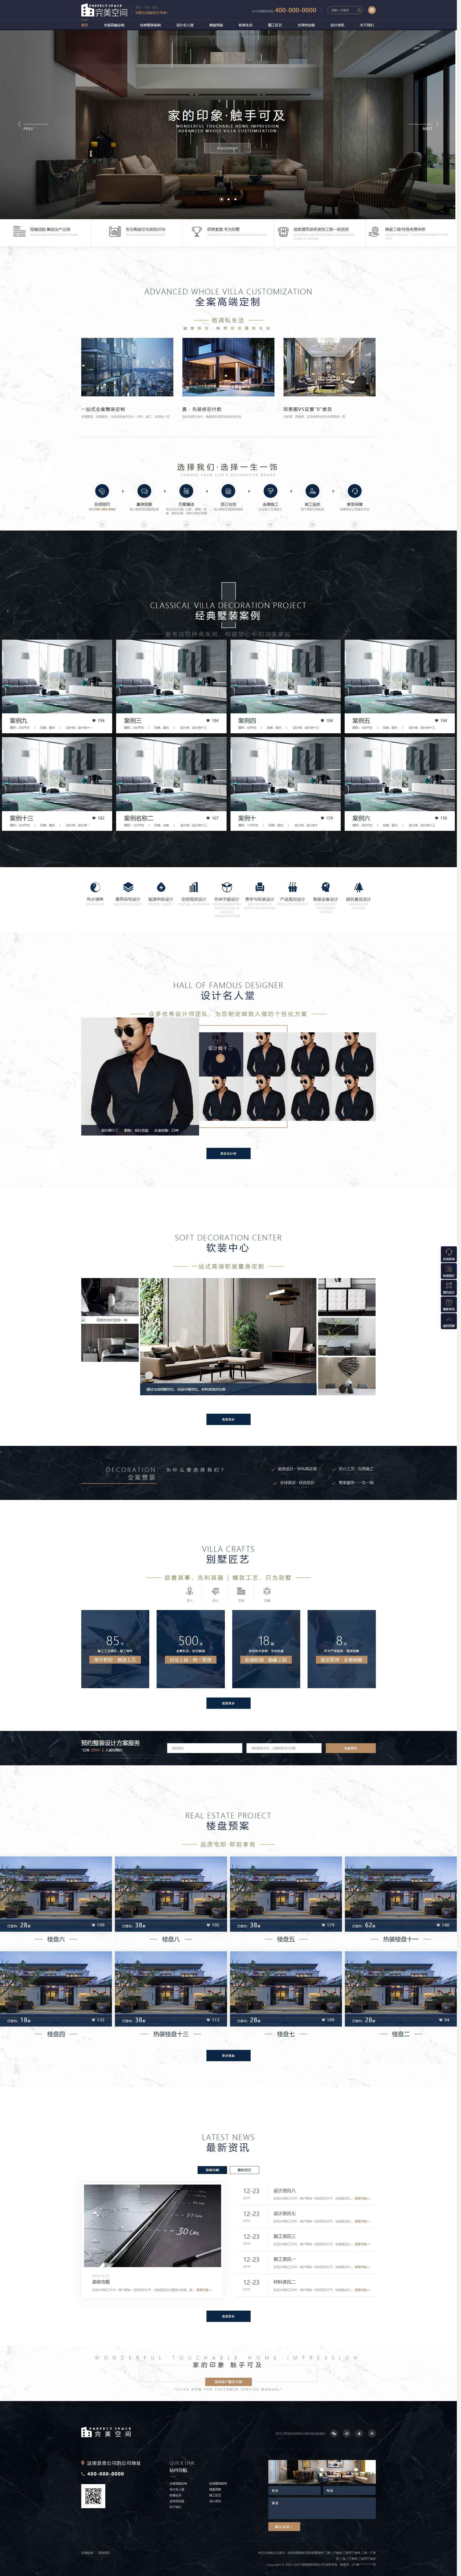 响应式高端品牌家装设计类网站织梦dedecms模板(自适应手机端)